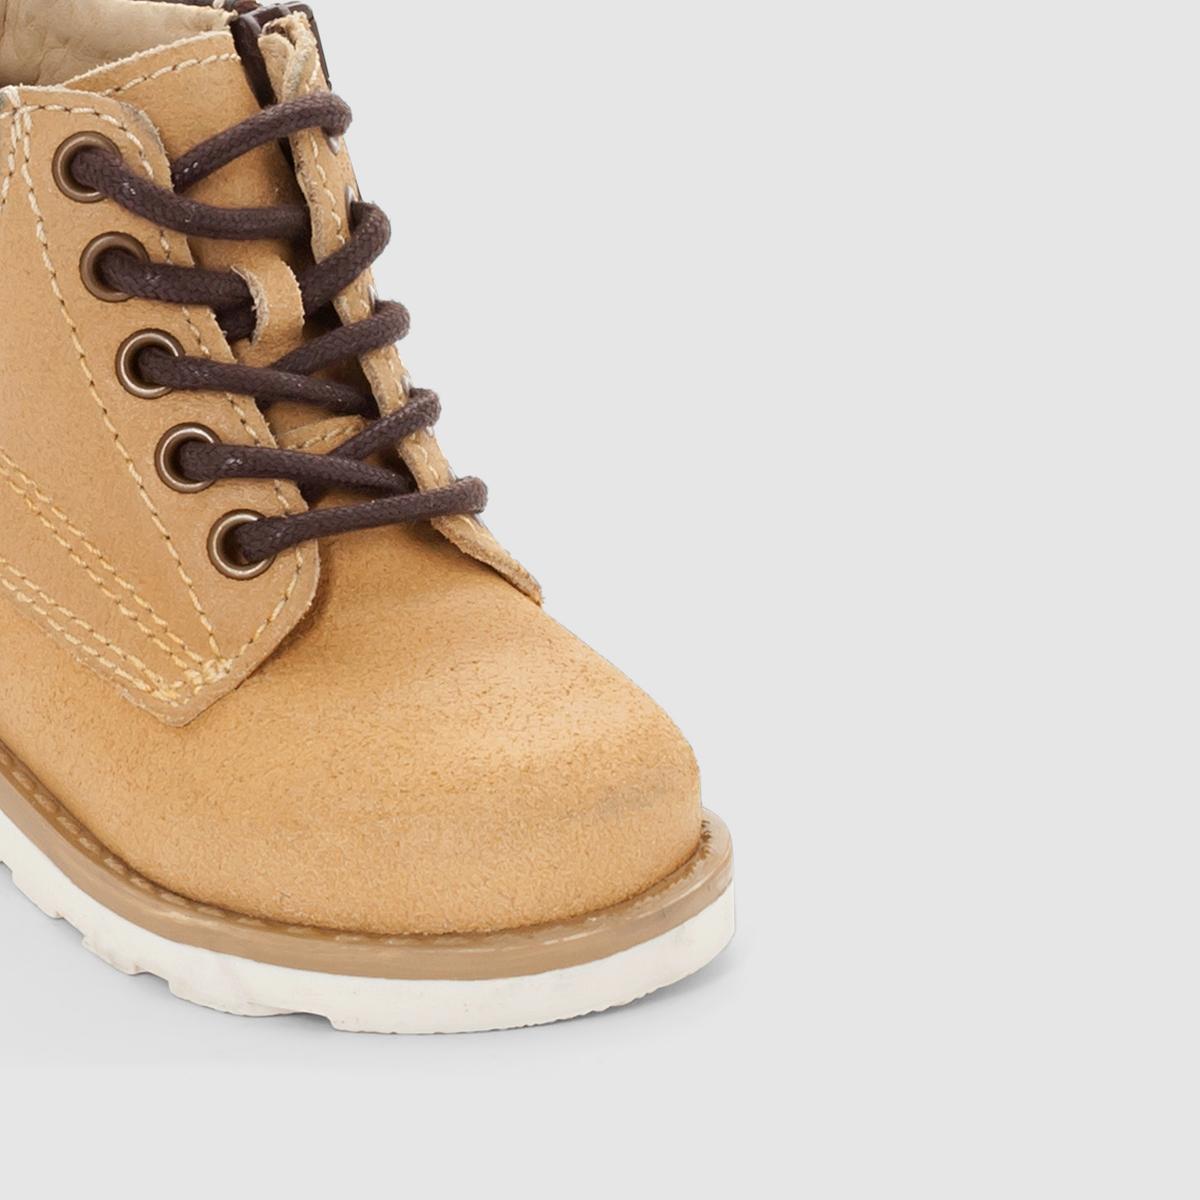 Ботинки кожаные на шнуровке и молнииВерх : невыделанная кожа (яловичная)     Подкладка : кожа    Стелька : кожа    Подошва : эластомер     Застежка : шнуровка и молния       Преимущества : Комфортные ботинки из невыделанной кожи на молнии<br><br>Цвет: охра<br>Размер: 25